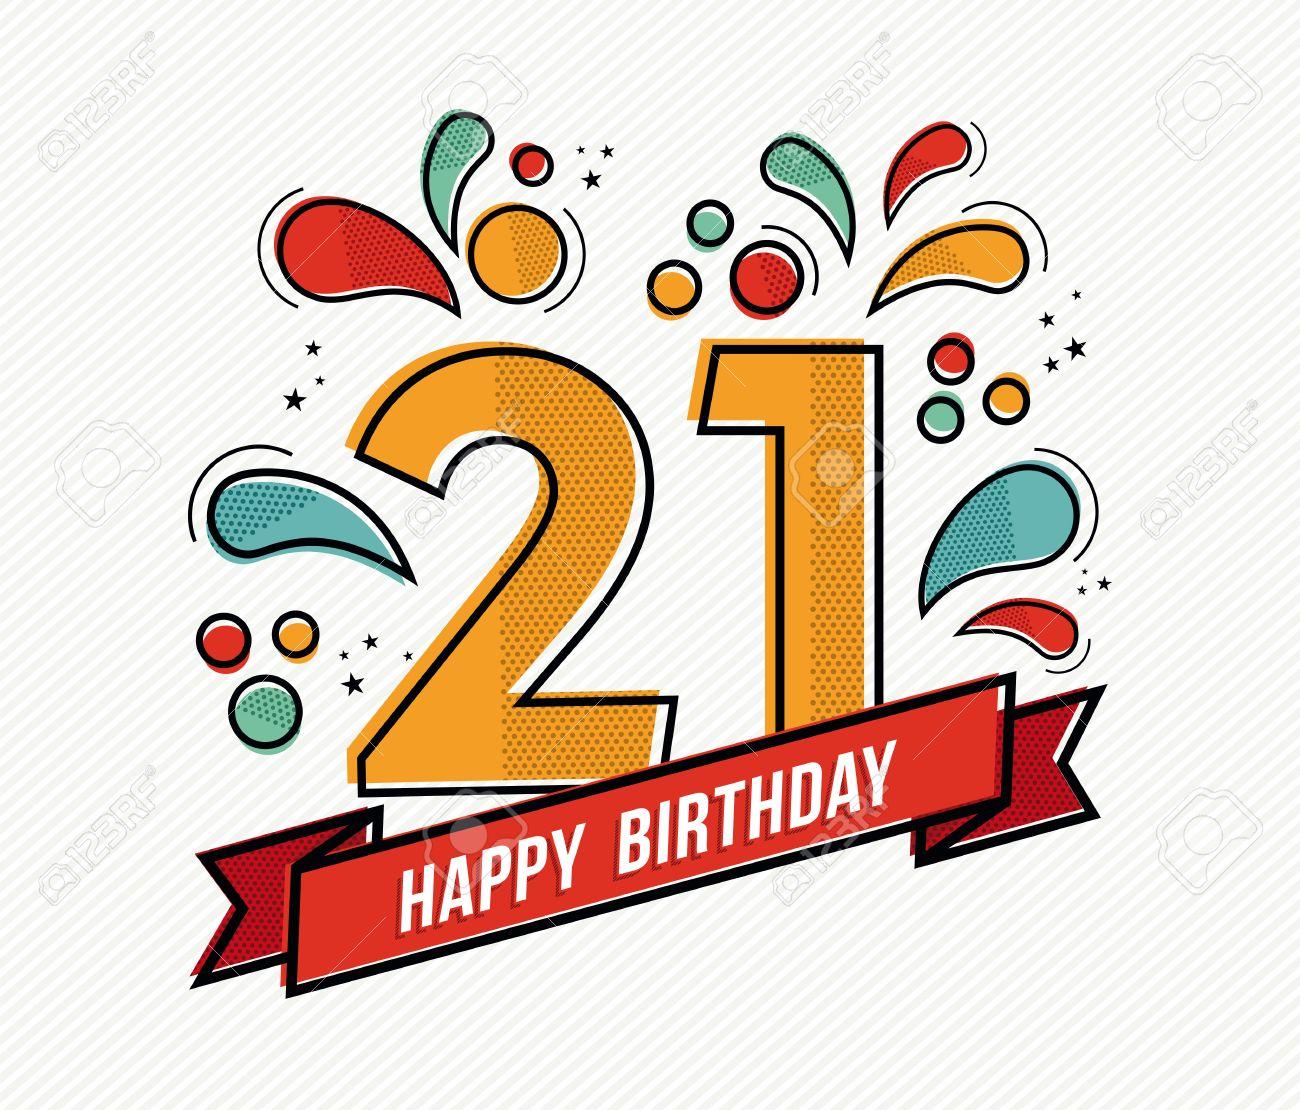 numero joyeux anniversaire 21 carte de voeux pendant vingt un an dans l art de la ligne plate moderne avec des formes geometriques colorees invitation anniversaire du parti felicitations ou de la conception